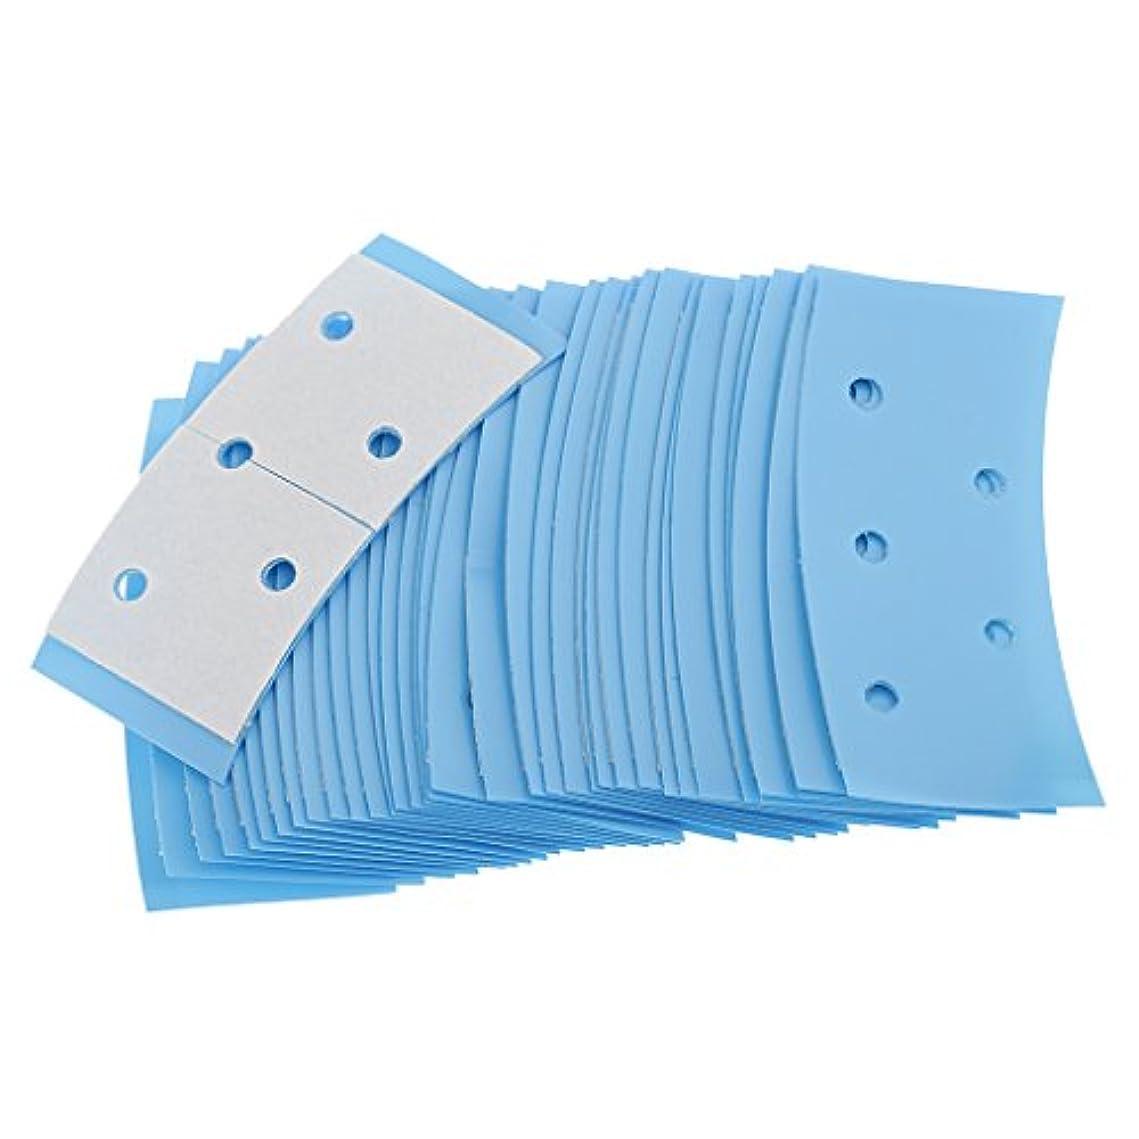 破壊するたとえ悲しみ両面接着テープ ヘアシステムテープ ダブルサイド かつら用 超強力持ち 約36枚